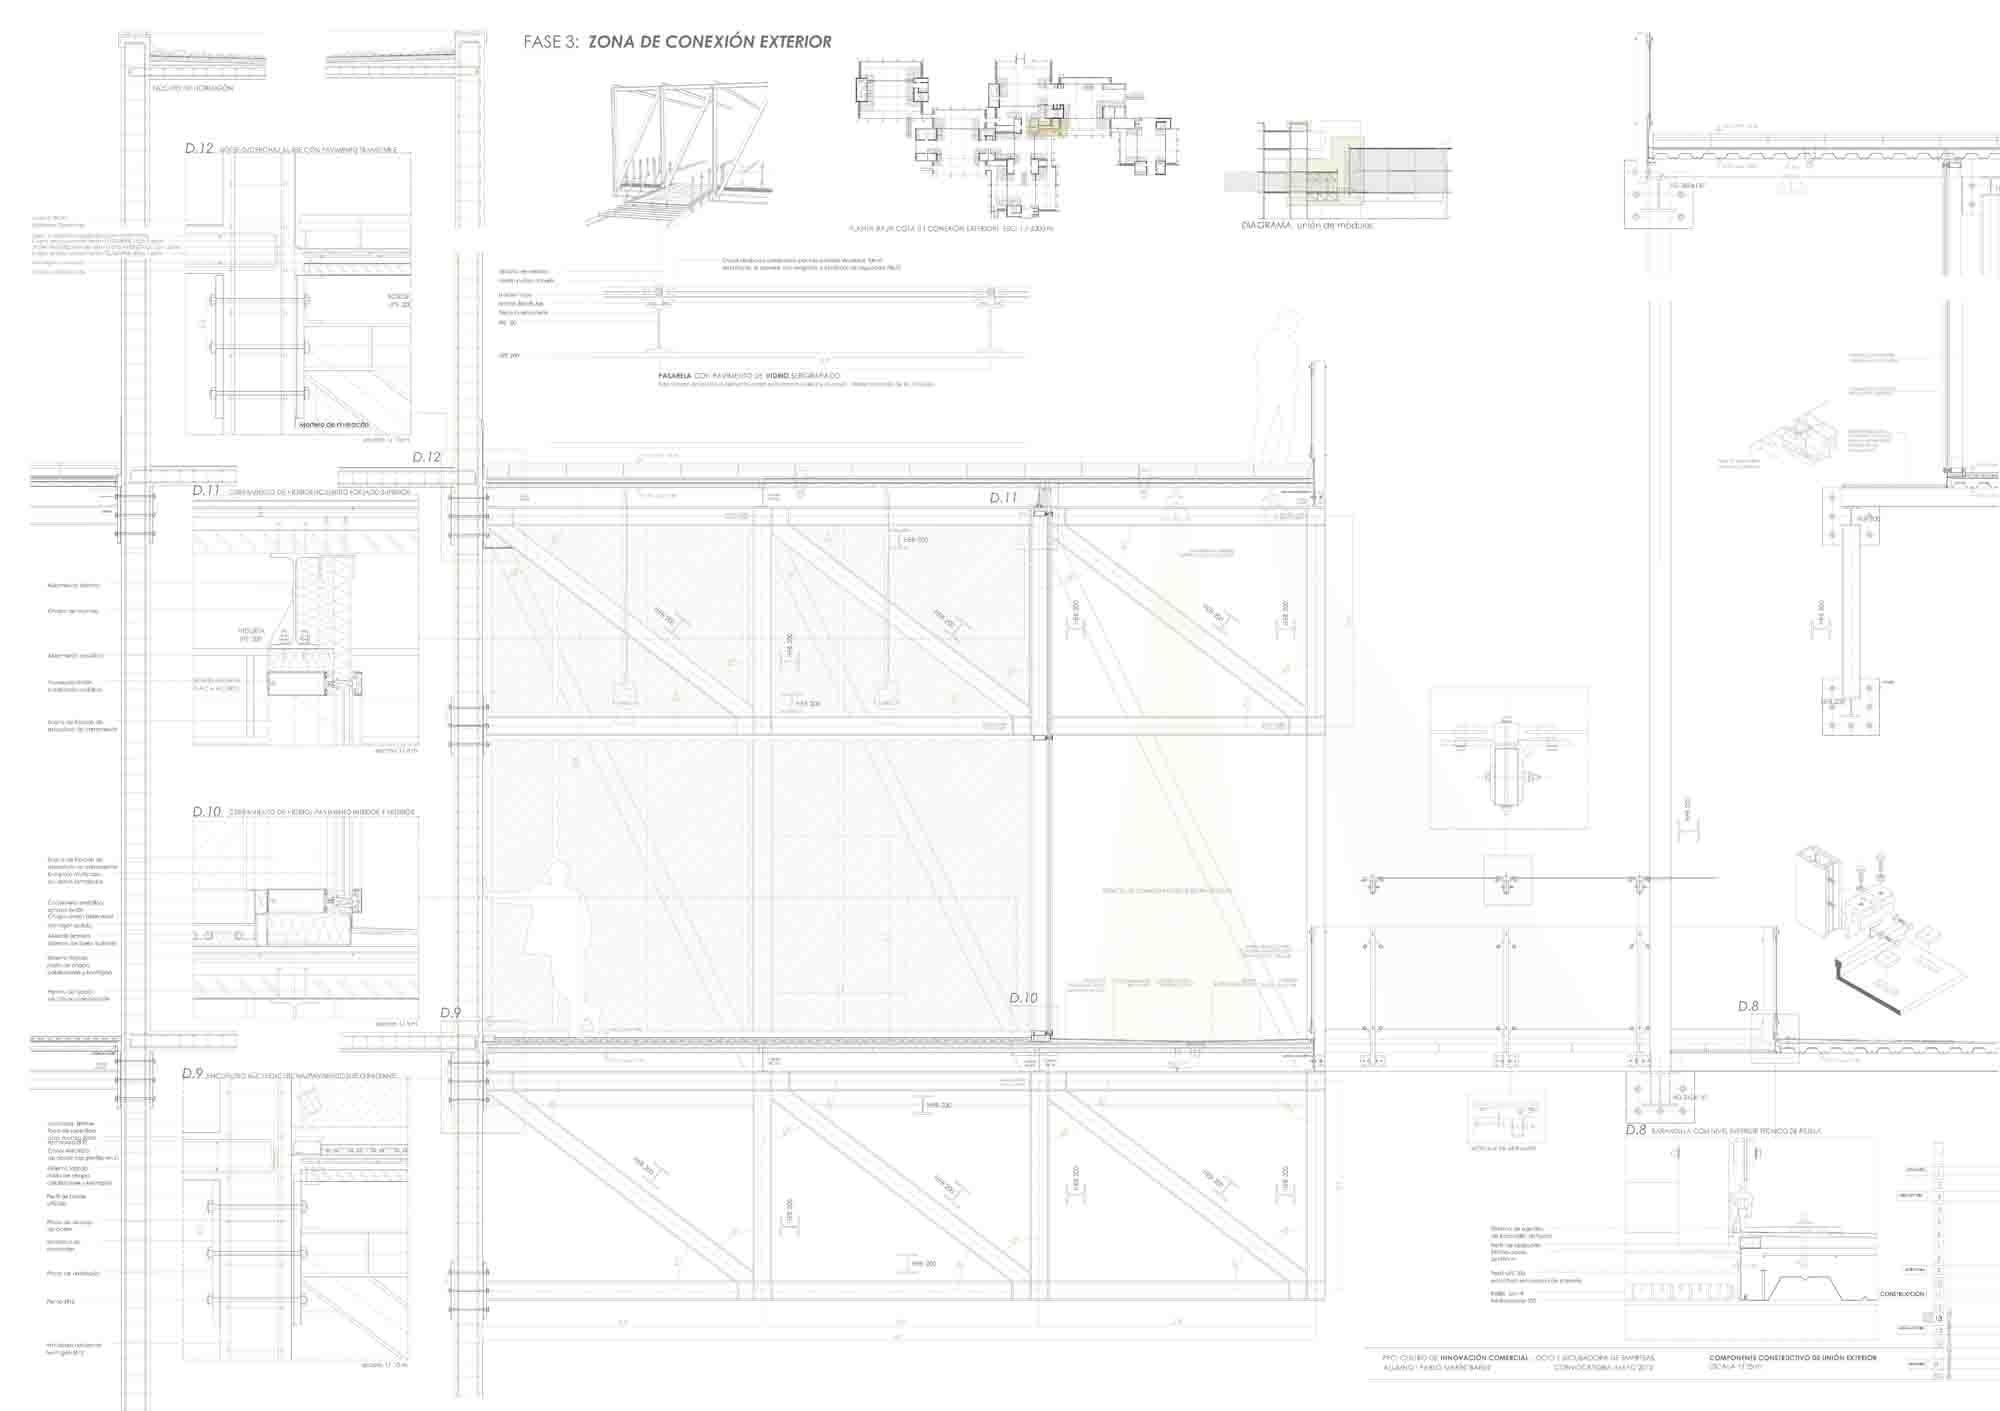 CONSTRUCCION 3